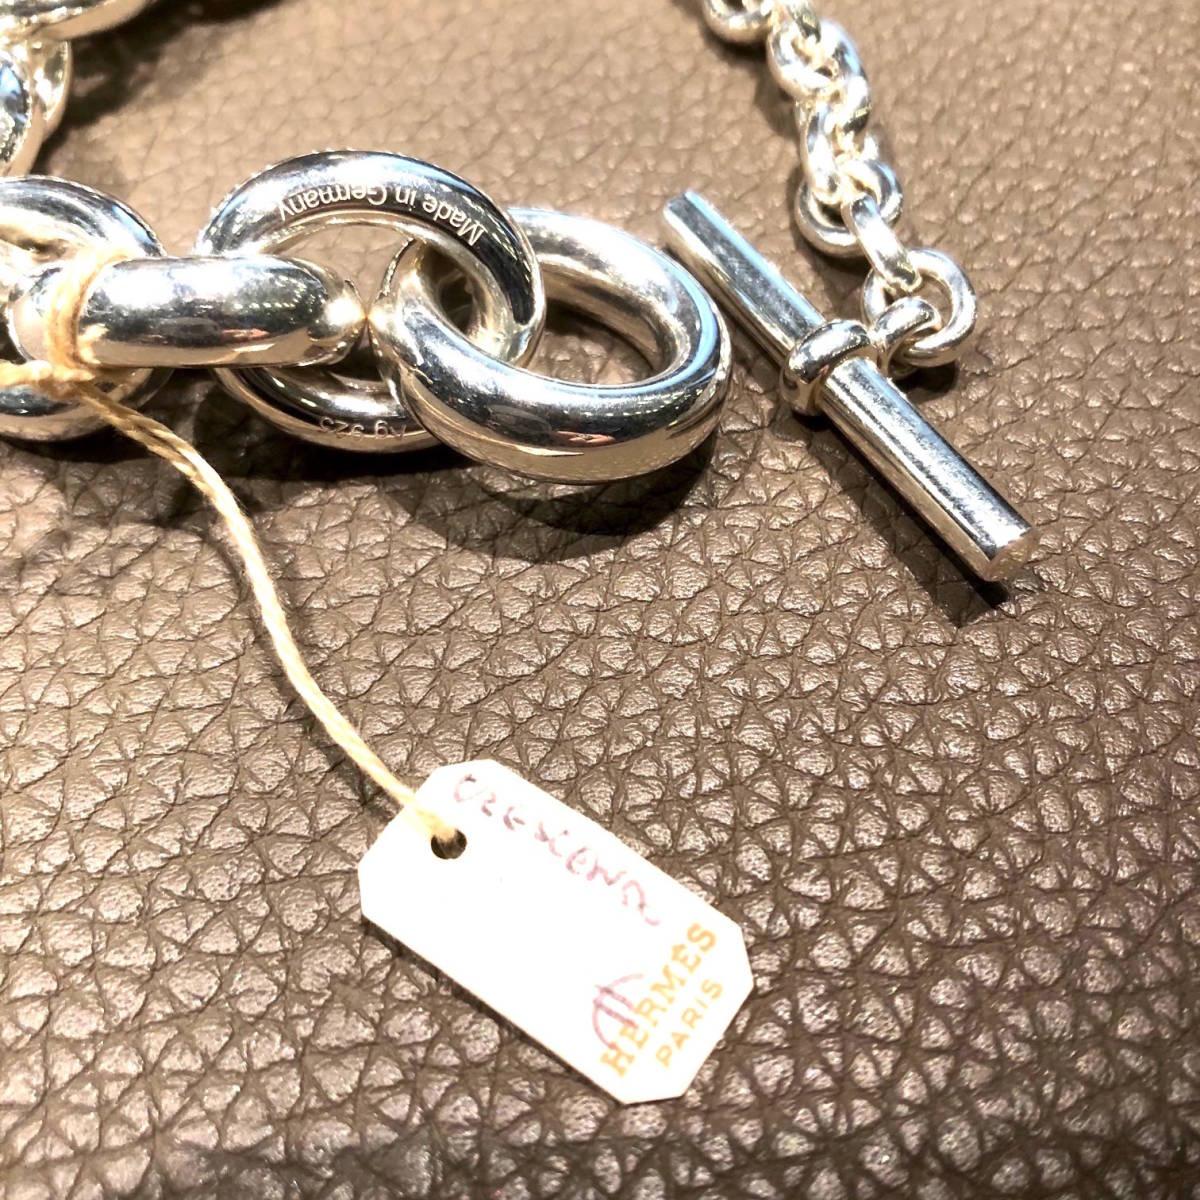 """新品!送料無料 HERMES 2018【Bracelet""""CRESCENDO""""】HOMME/SILVER 925(18cm)エルメス,メンズ,ブレスレット,クレッシェンド,シルバー925_画像5"""